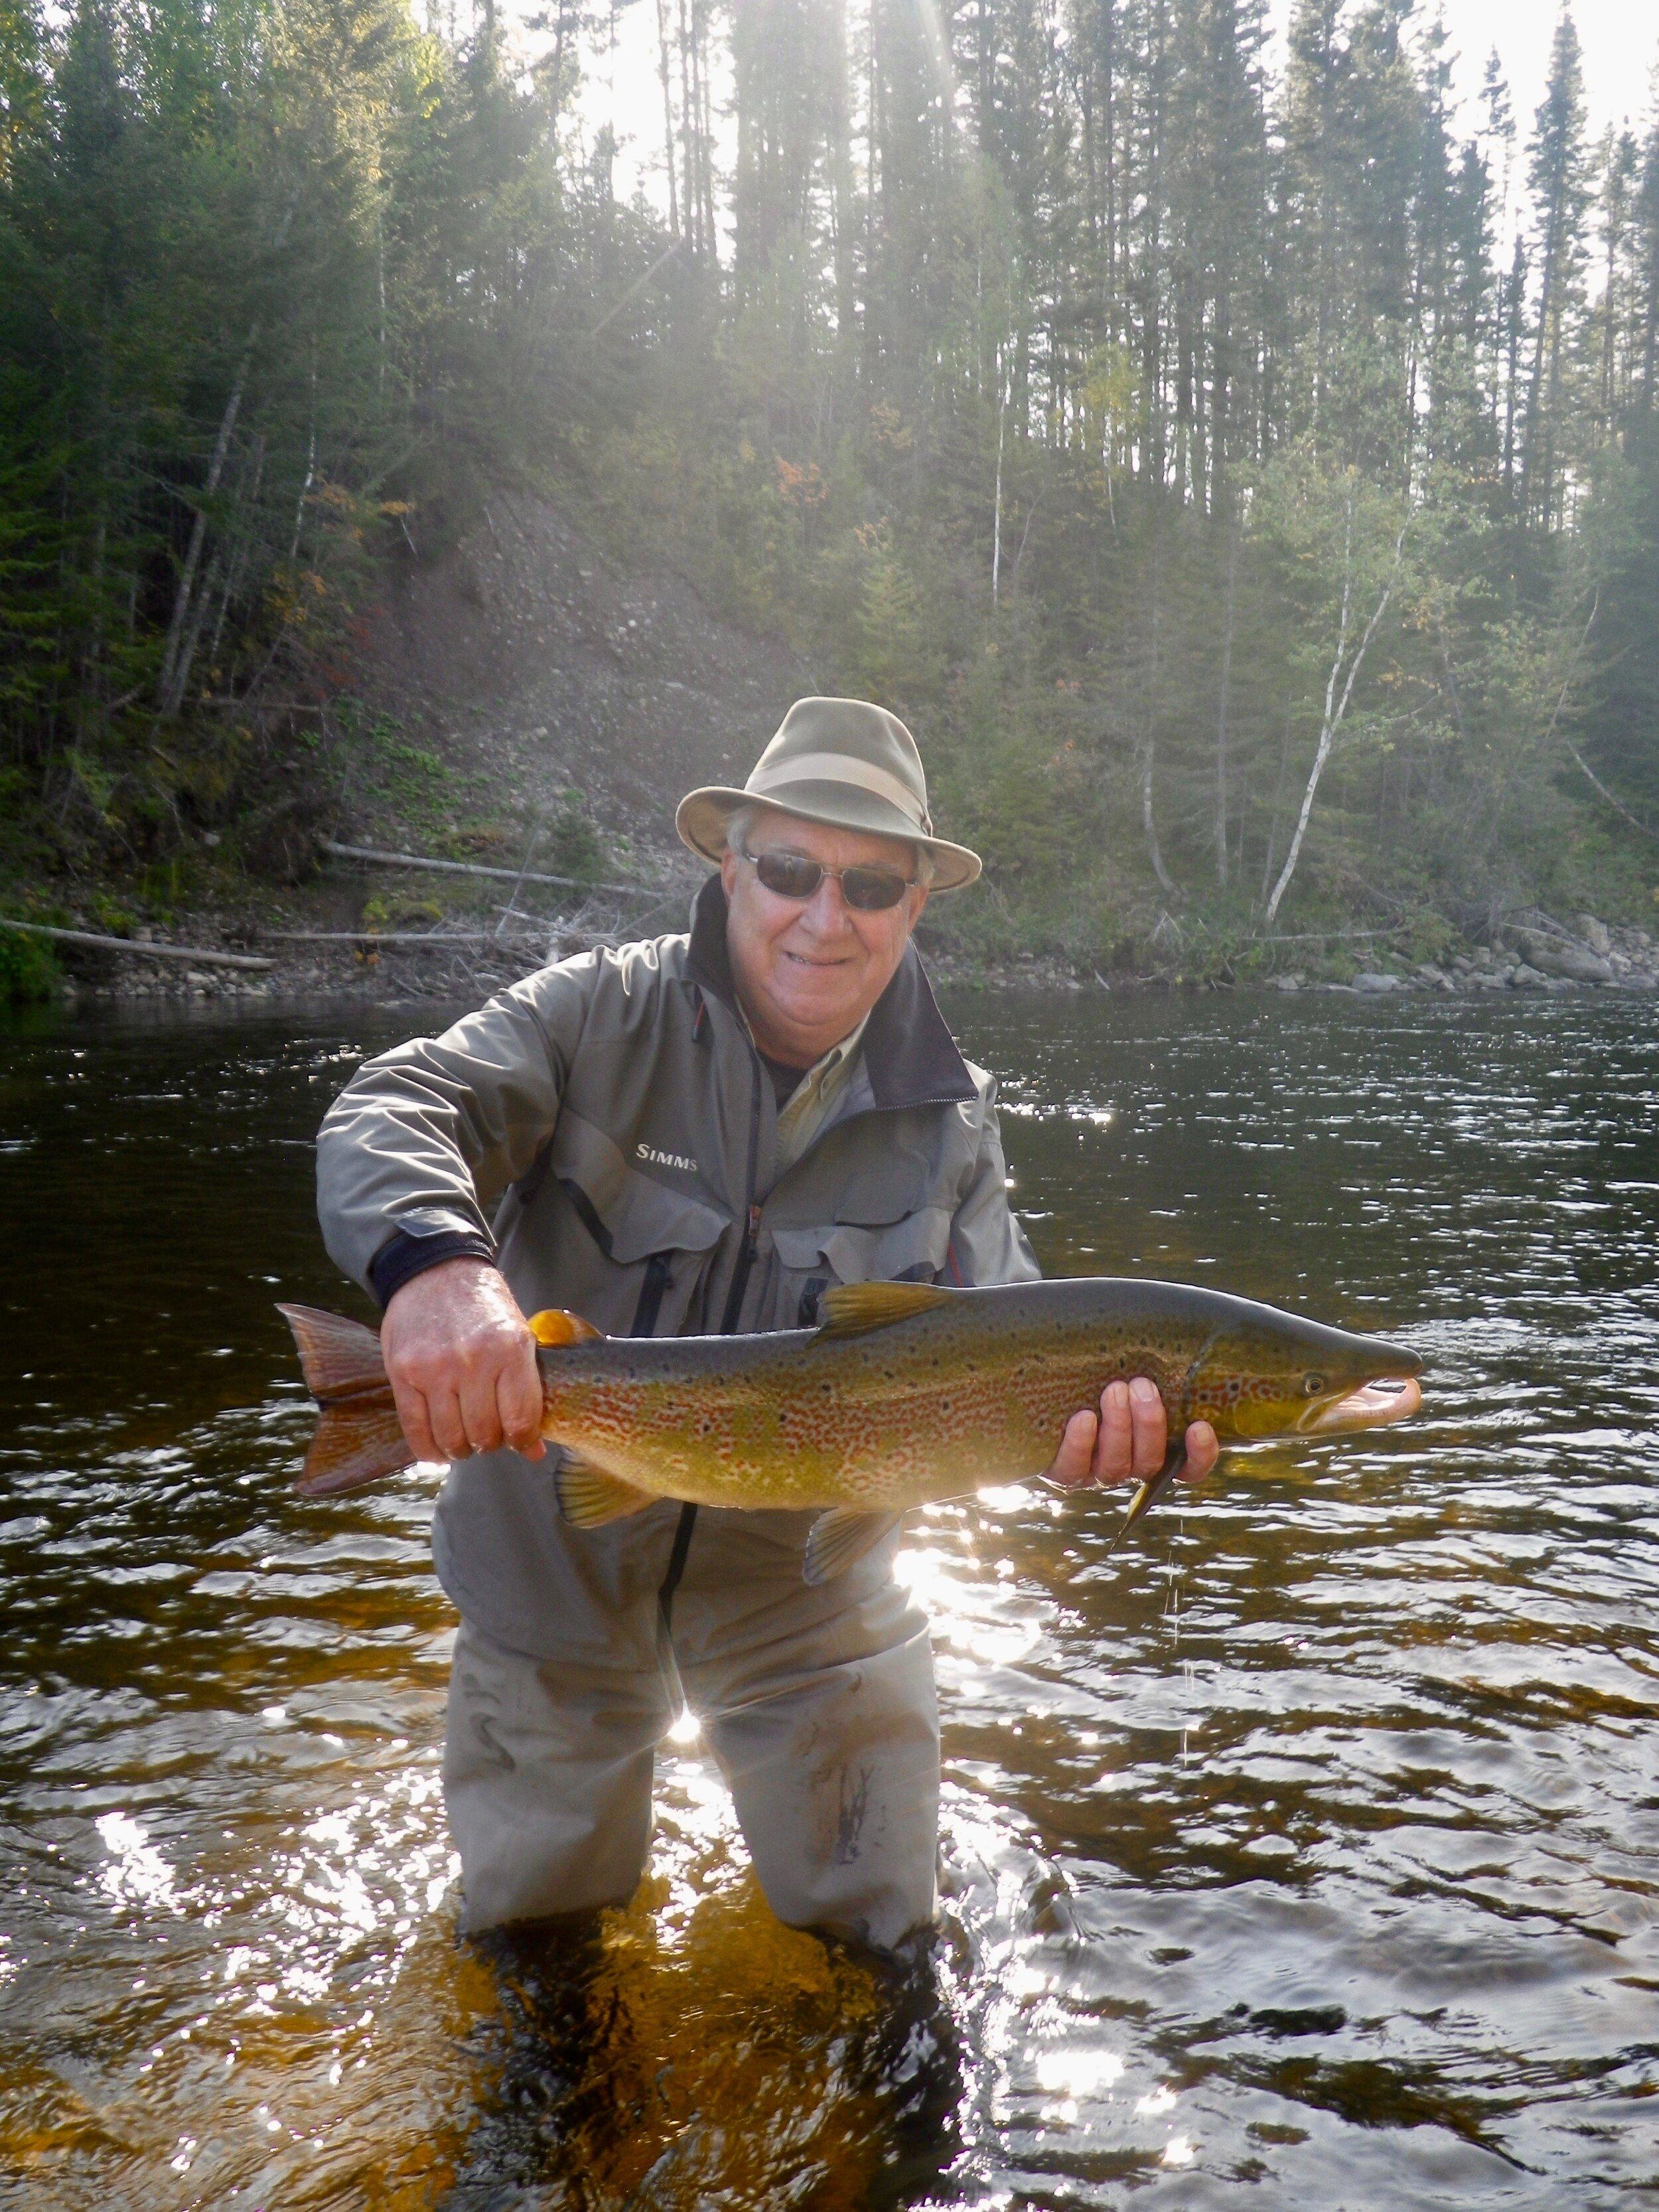 Notre cher ami Fred Benere a capturé ce magnifique saumon dans la Grande Cascapédia. Bien joué, Fred! Au revoir et à l'an prochain!